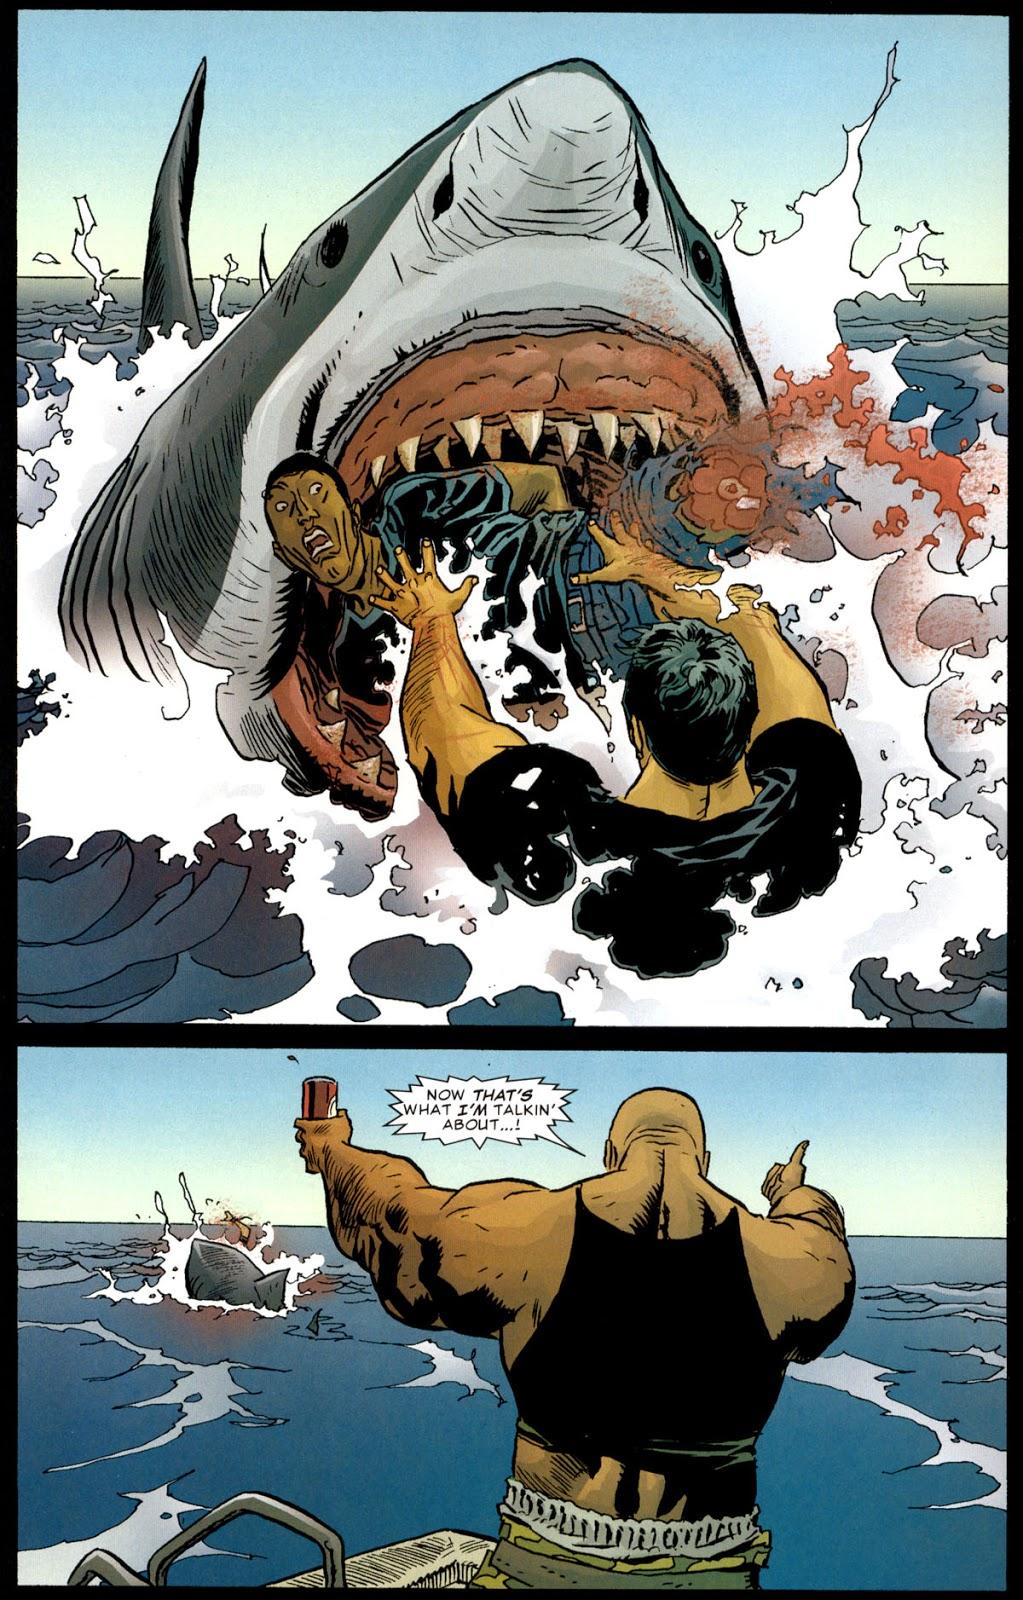 10 жестоких комиксов про Карателя. - Изображение 10